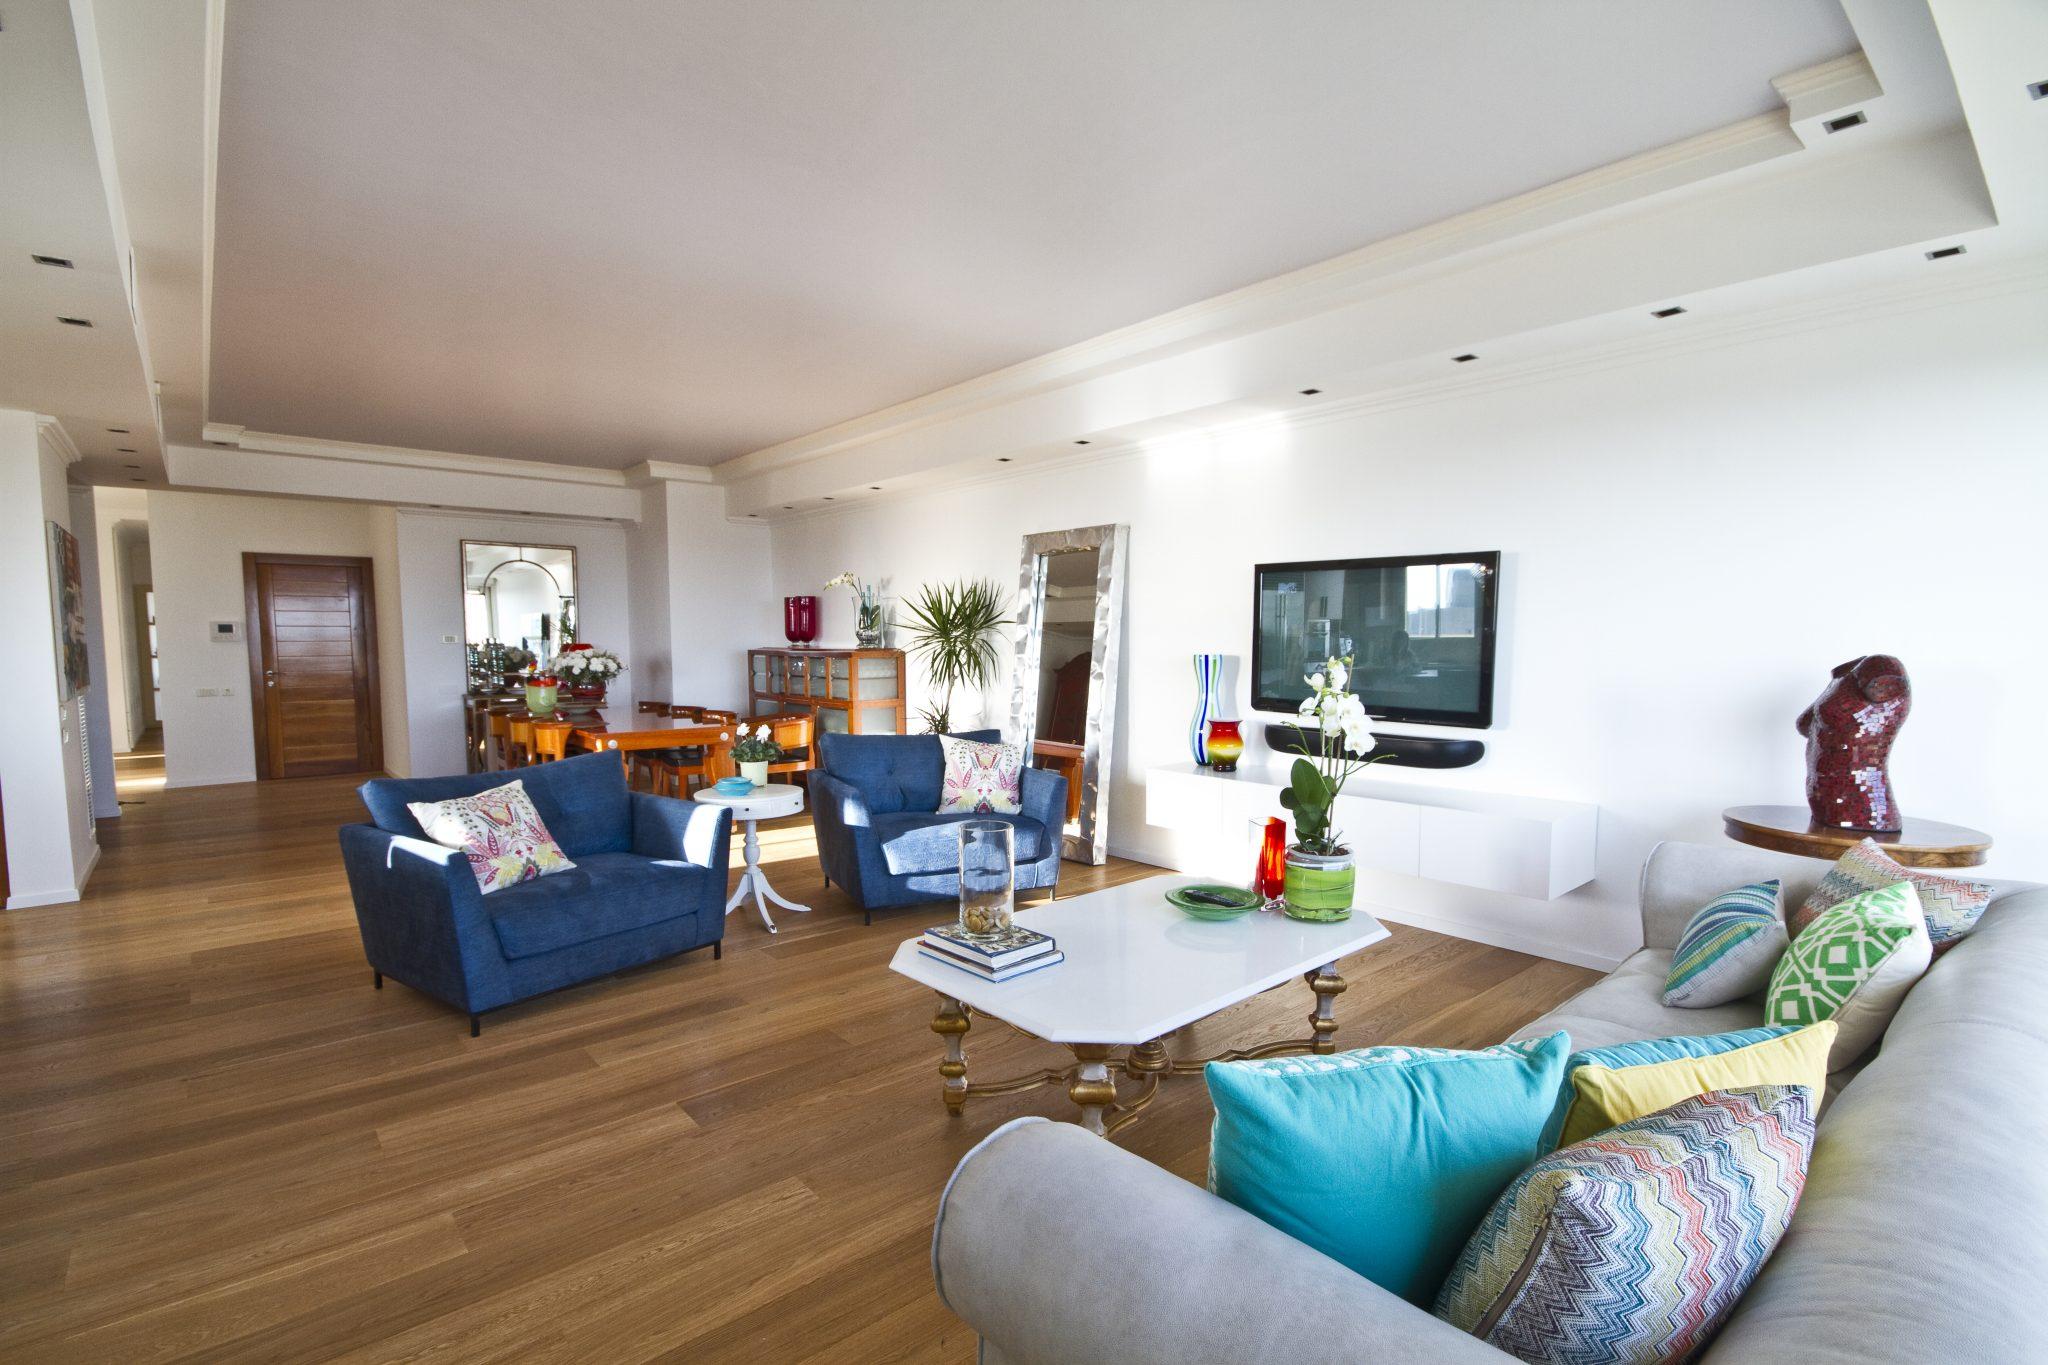 תמונה של הסלון מתוך הפרוייקט